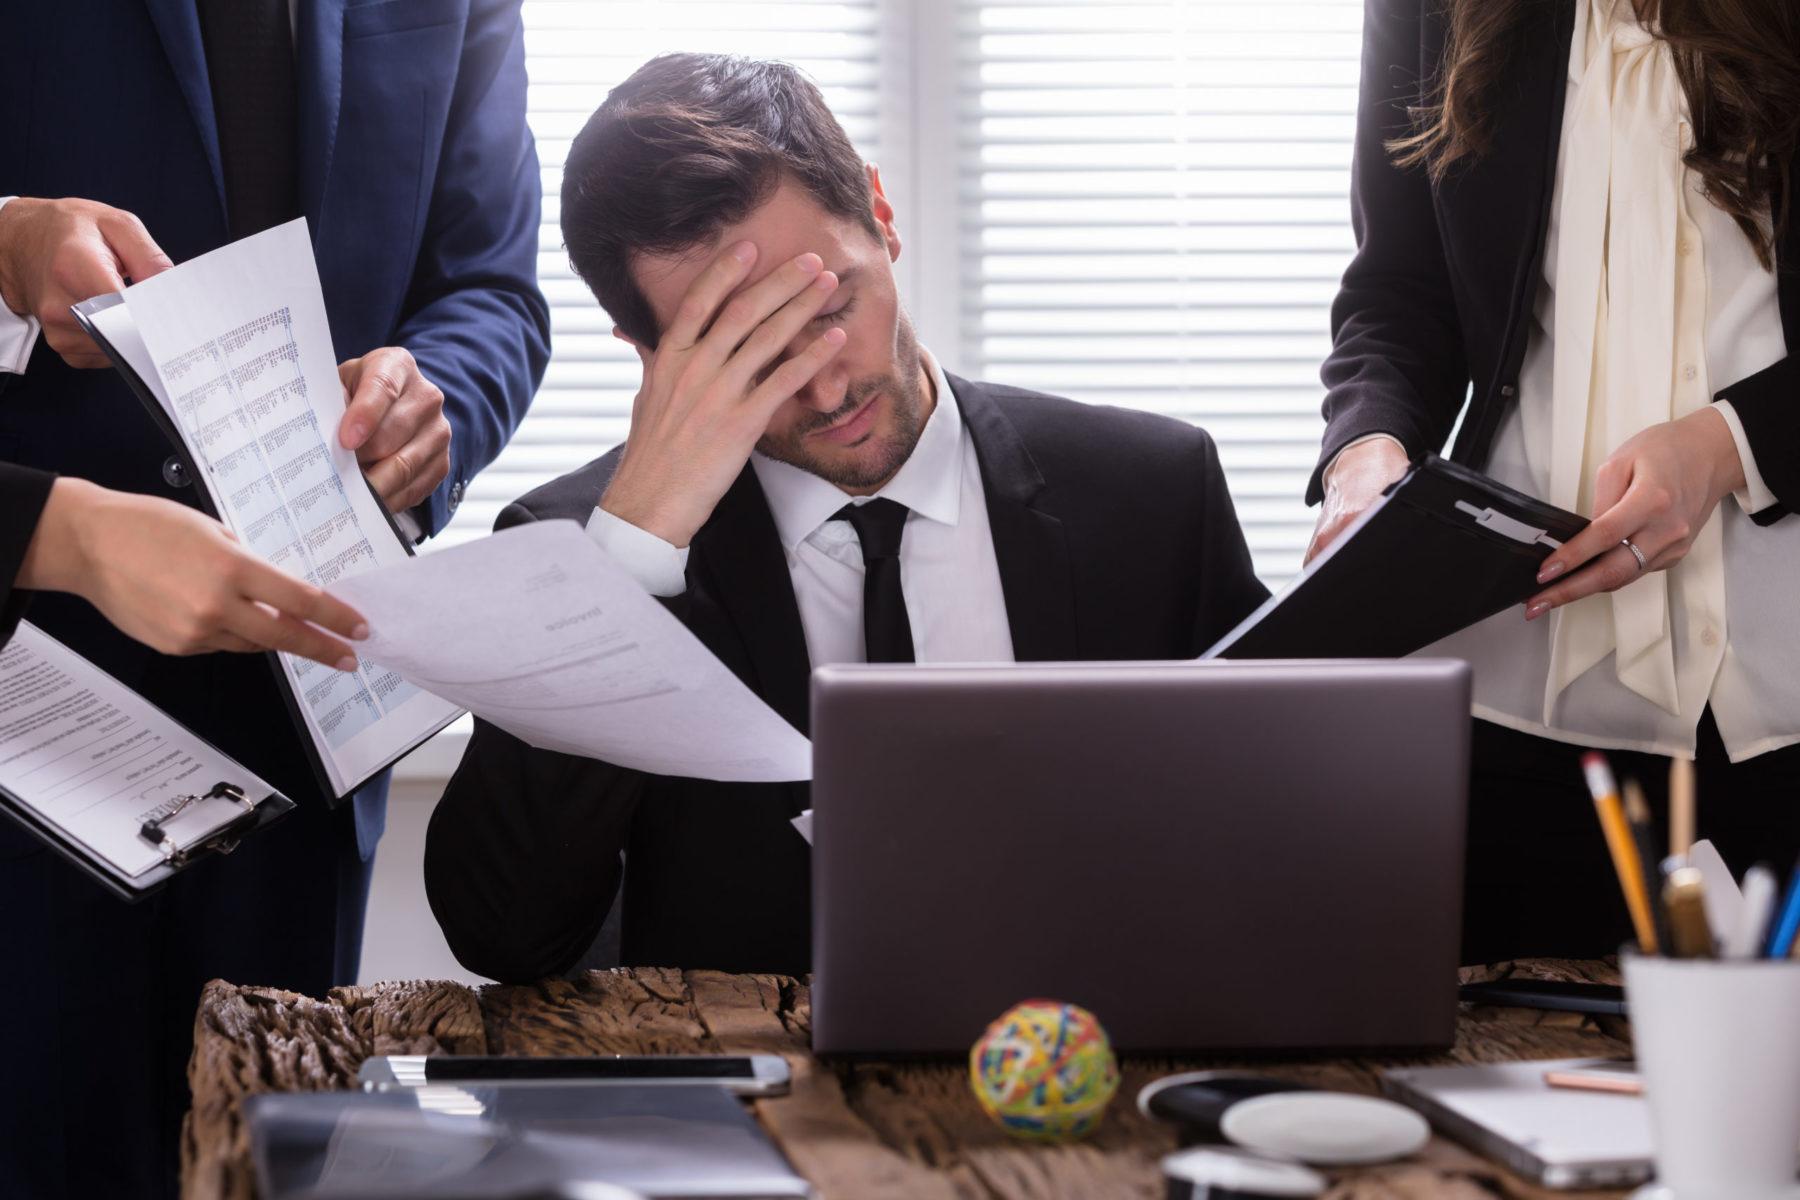 Czy potrzebujesz szkolenia z technik radzenia sobie ze stresem?